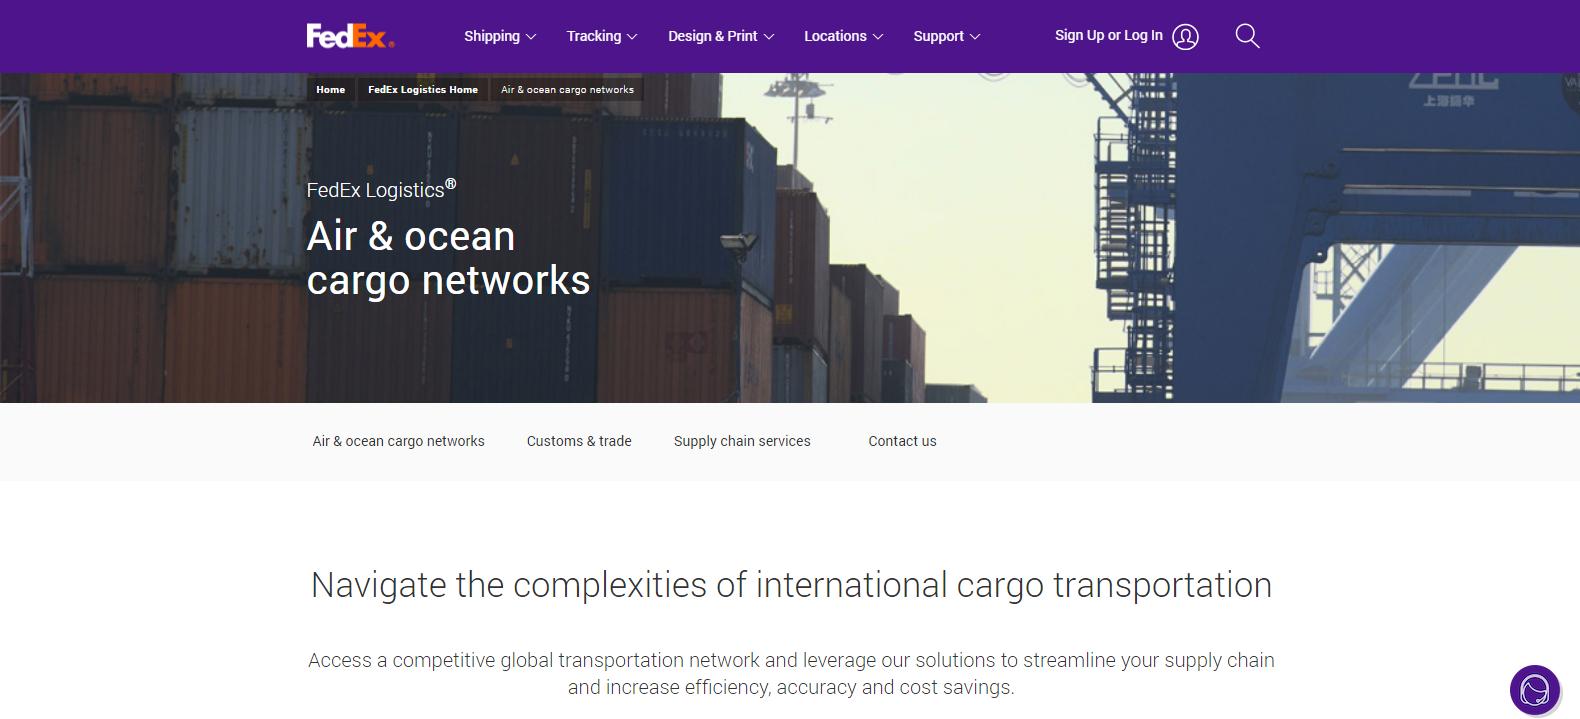 FedEx Logistics Best Logistics Company